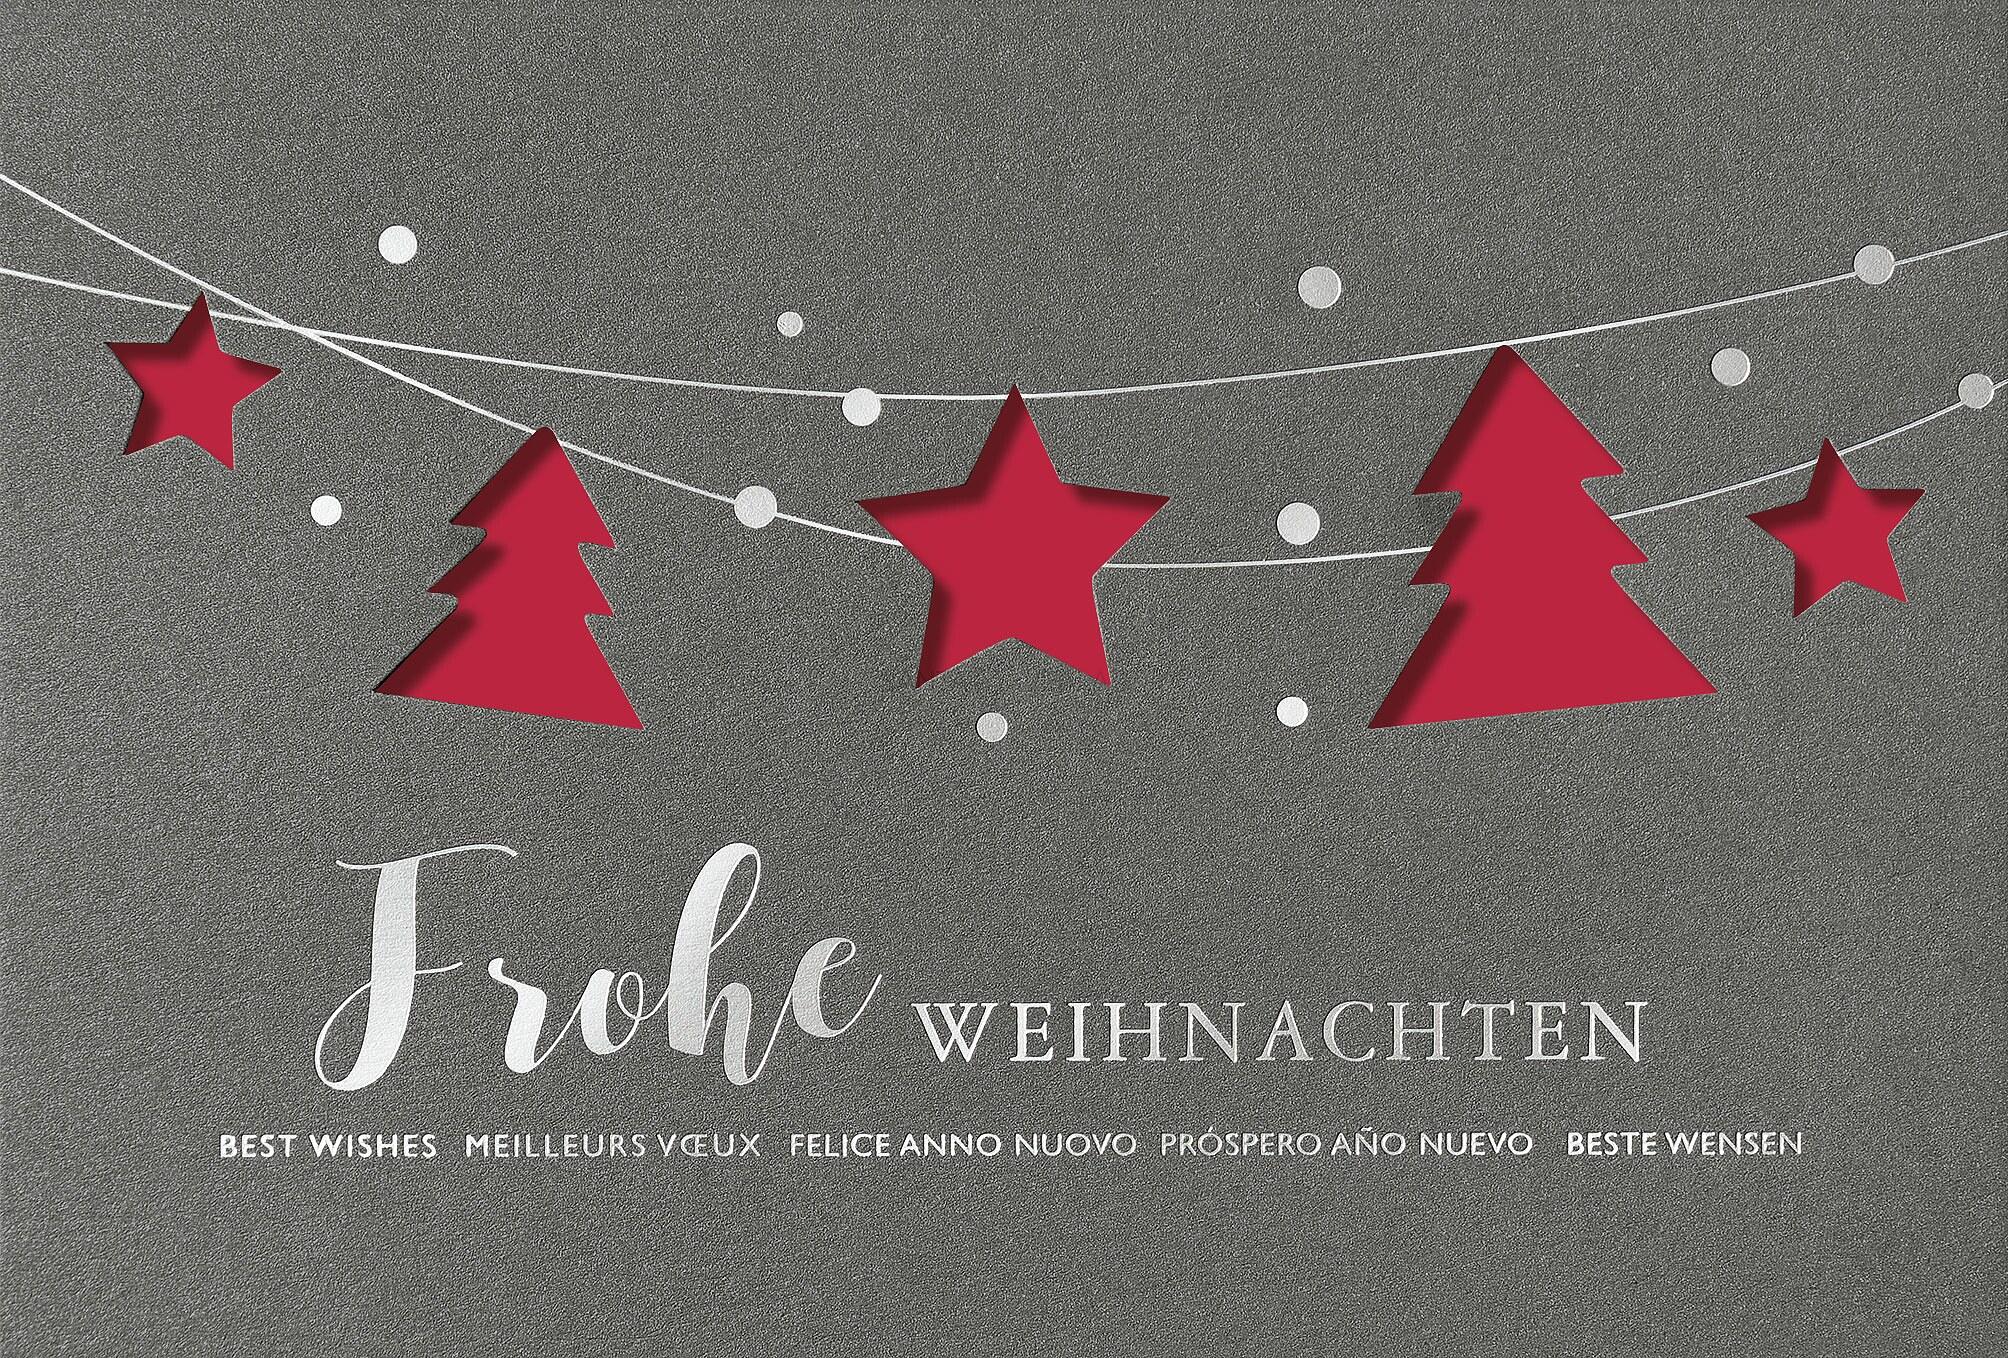 elektronische weihnachtskarte